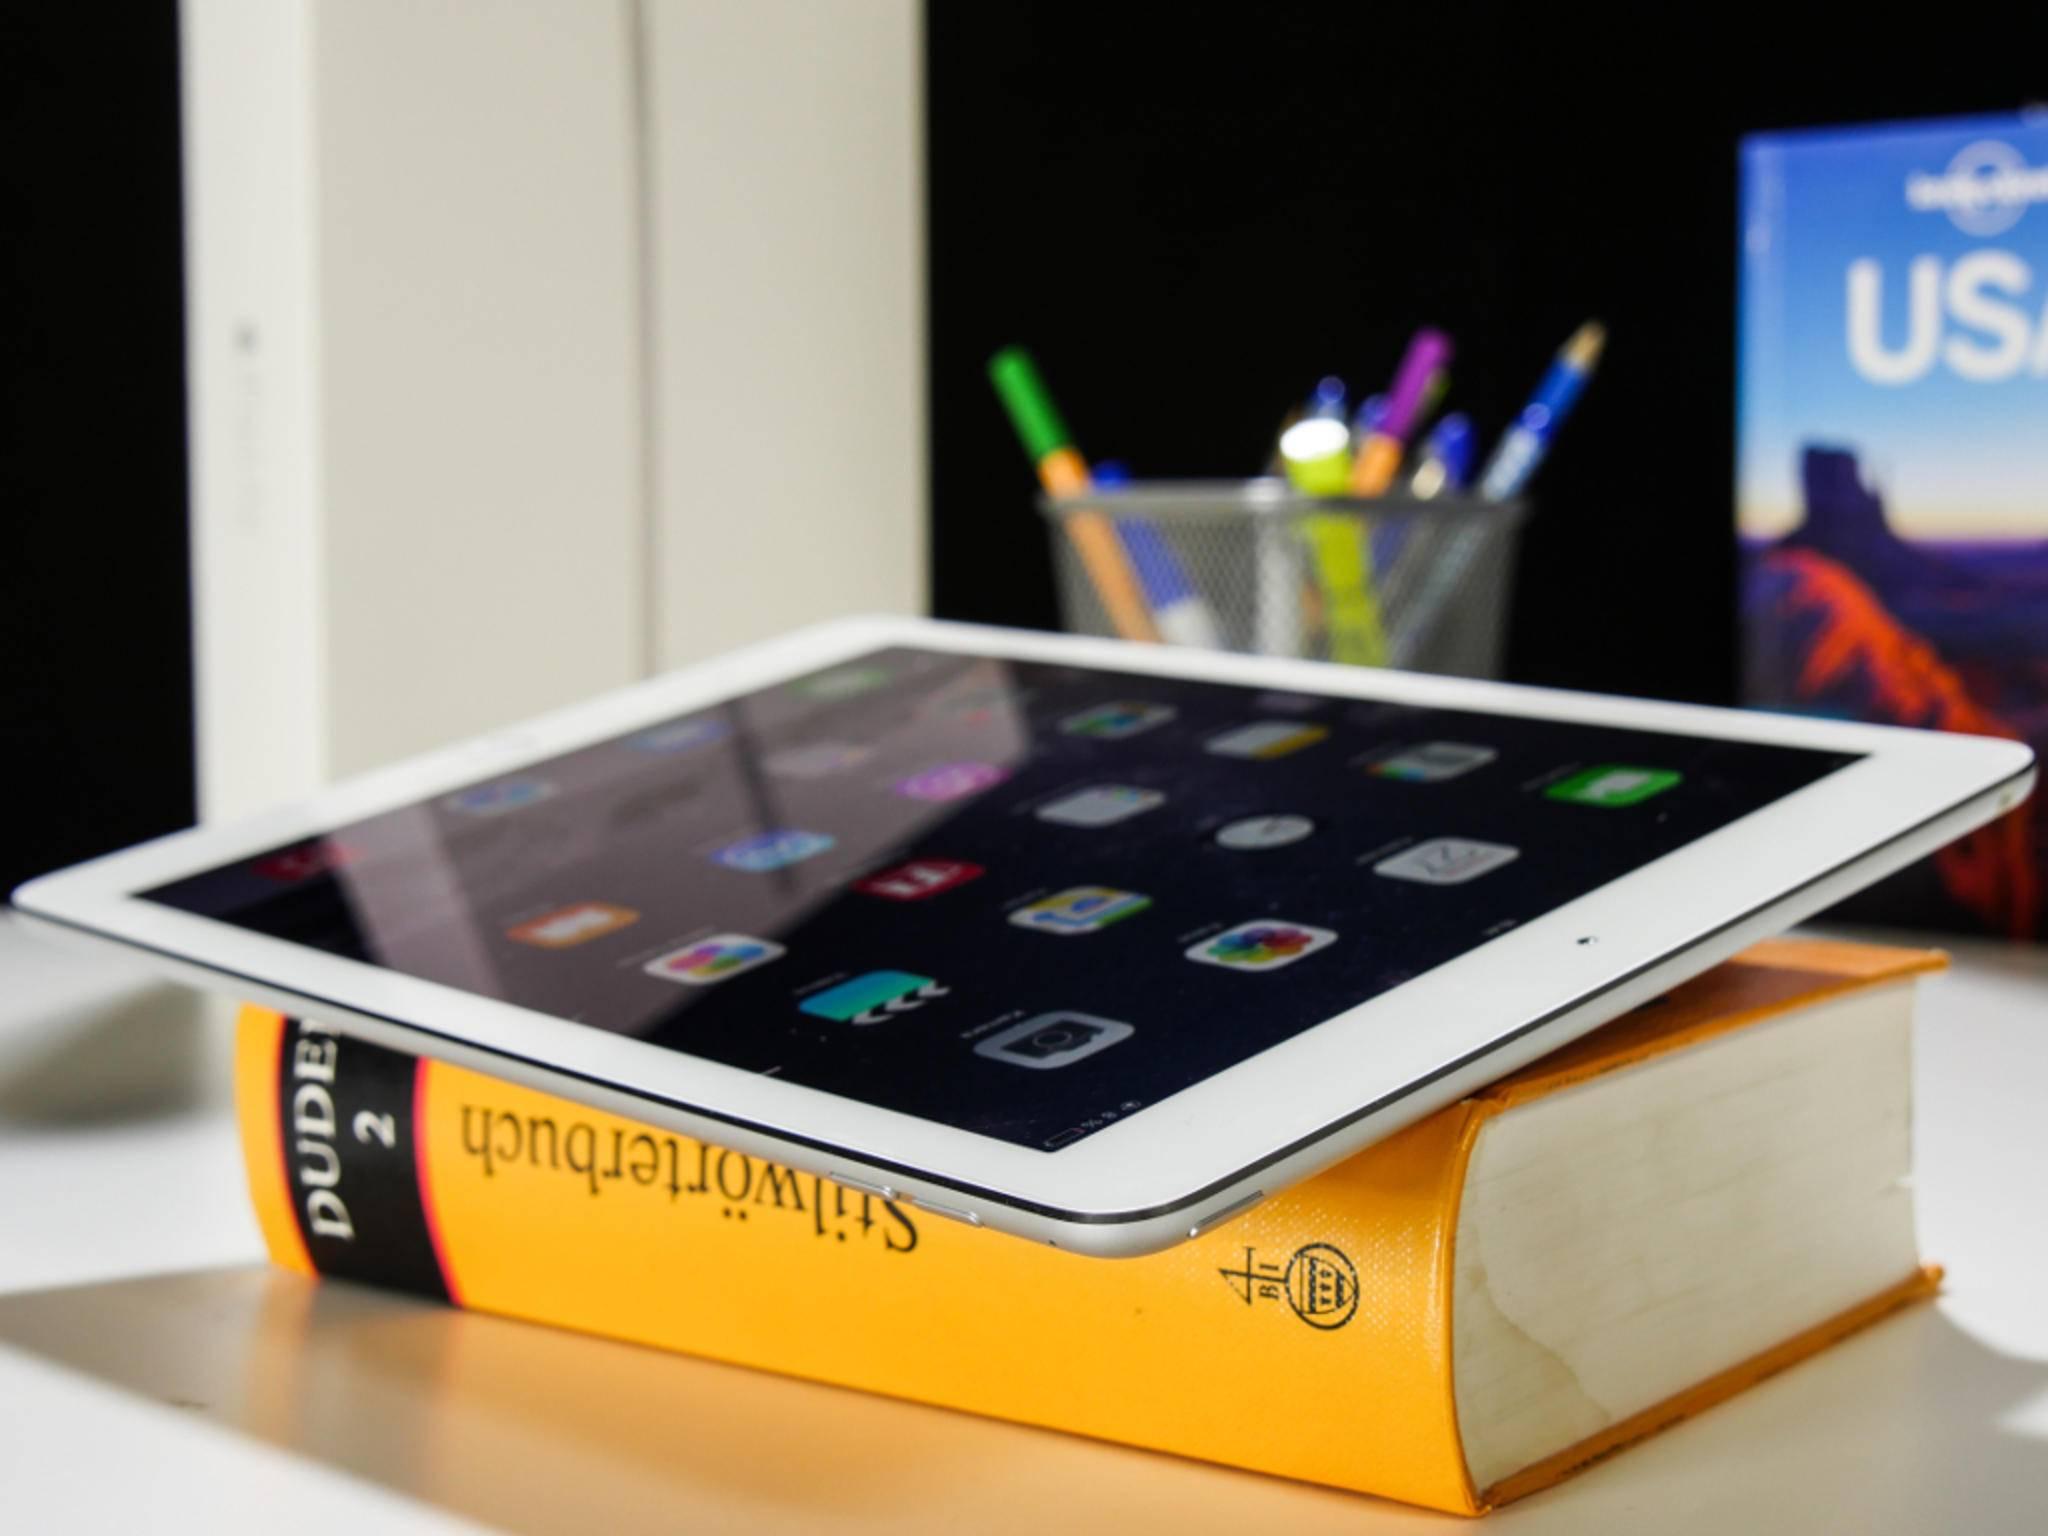 Schon das iPad Air 2 misst 9,7 Zoll – das iPad Air Pro soll noch größer werden.